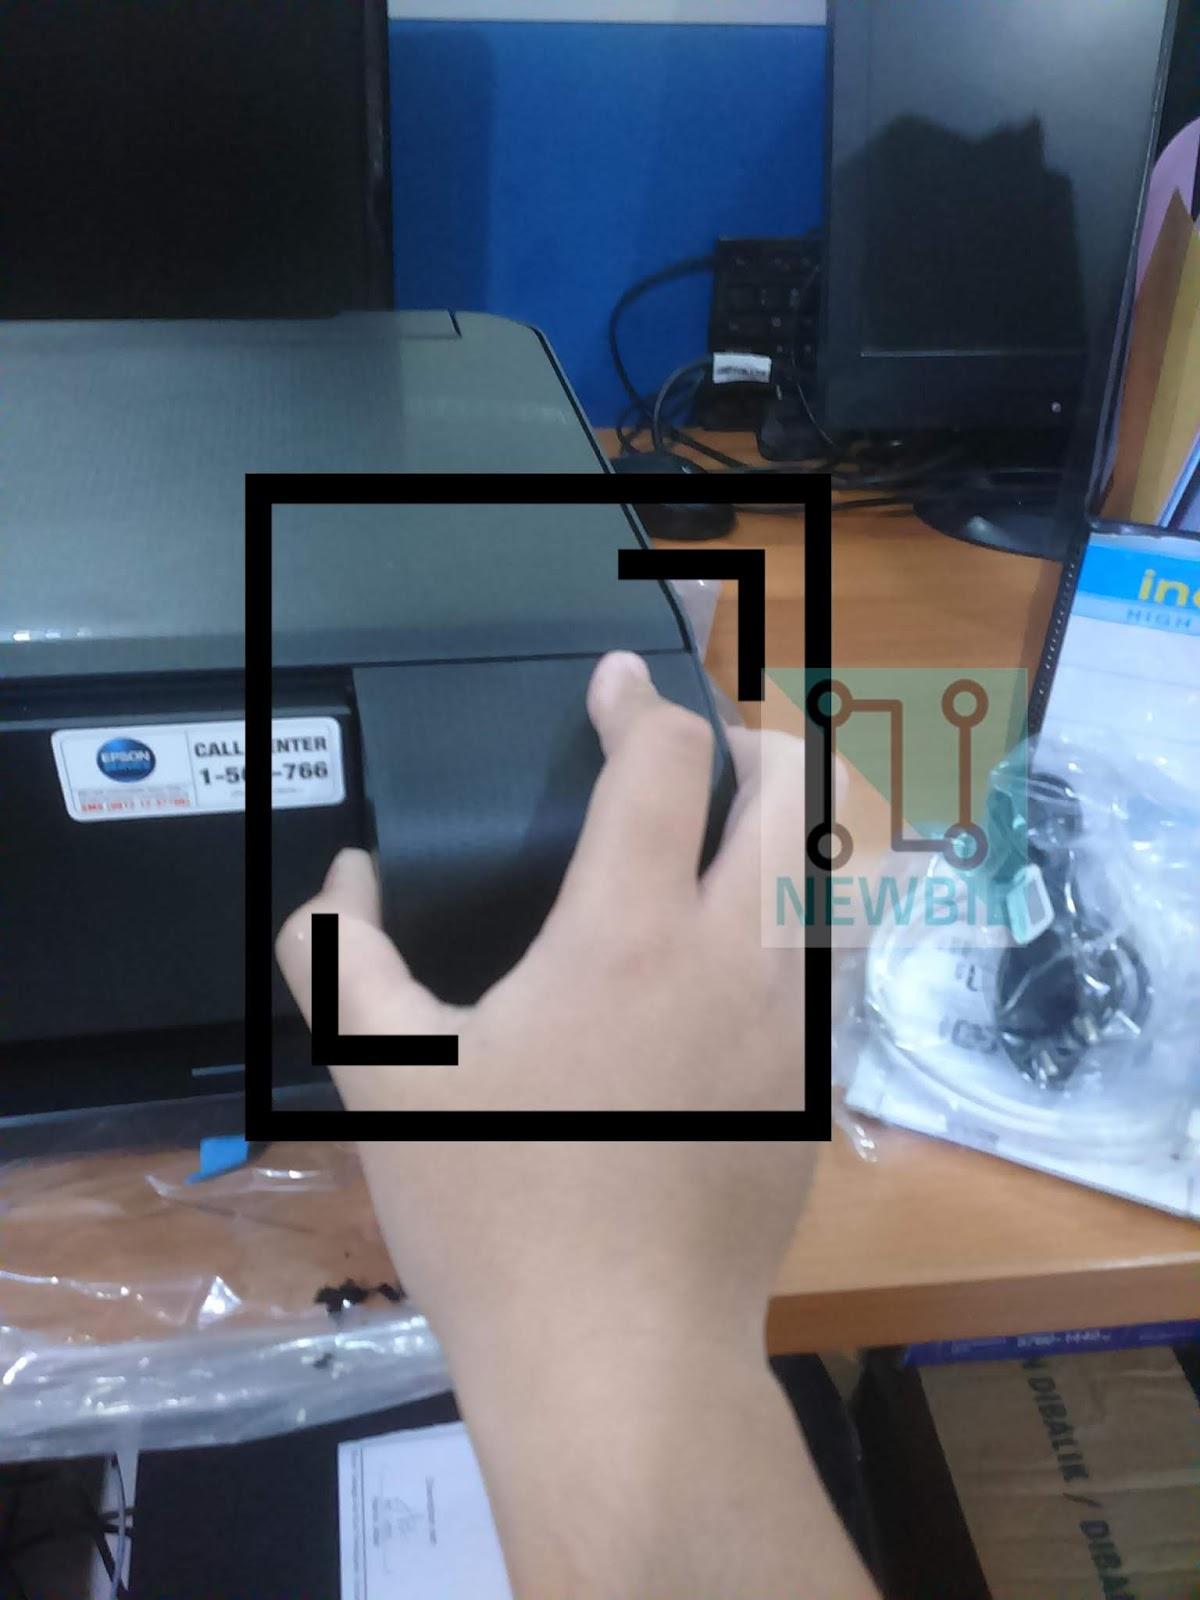 Cara Mengisi Tinta Printer Epson L3110 Dengan Mudah